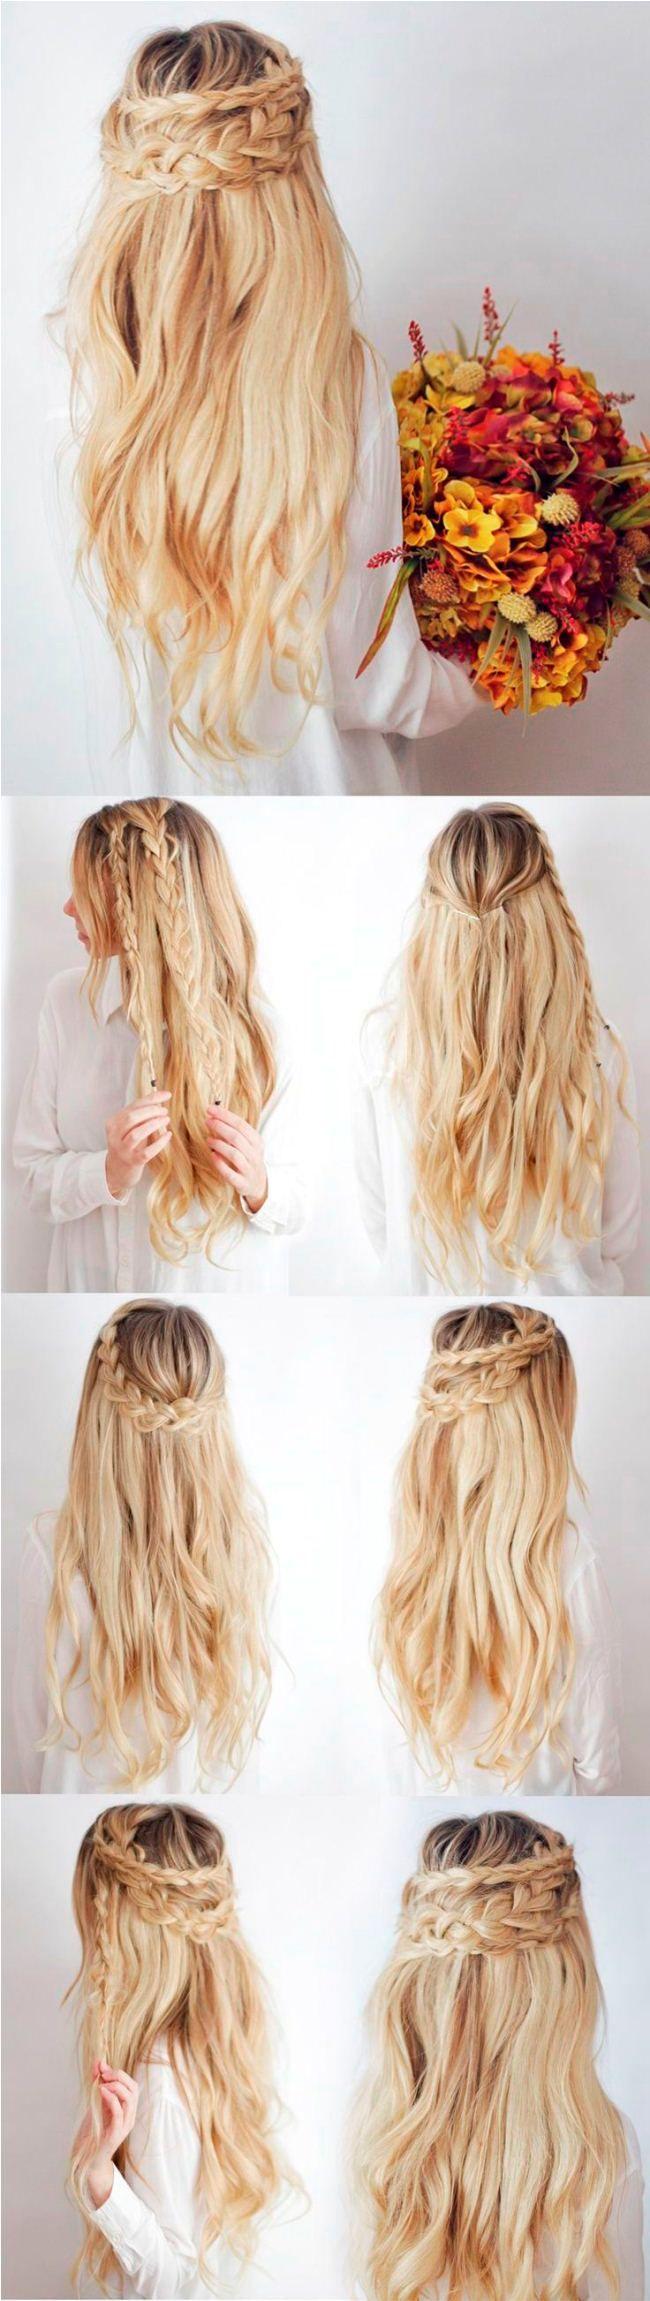 Ich will einfache Party Frisuren für lange Haare Schritt für Schritt wie 2018 tun   – Darla Gutierrez